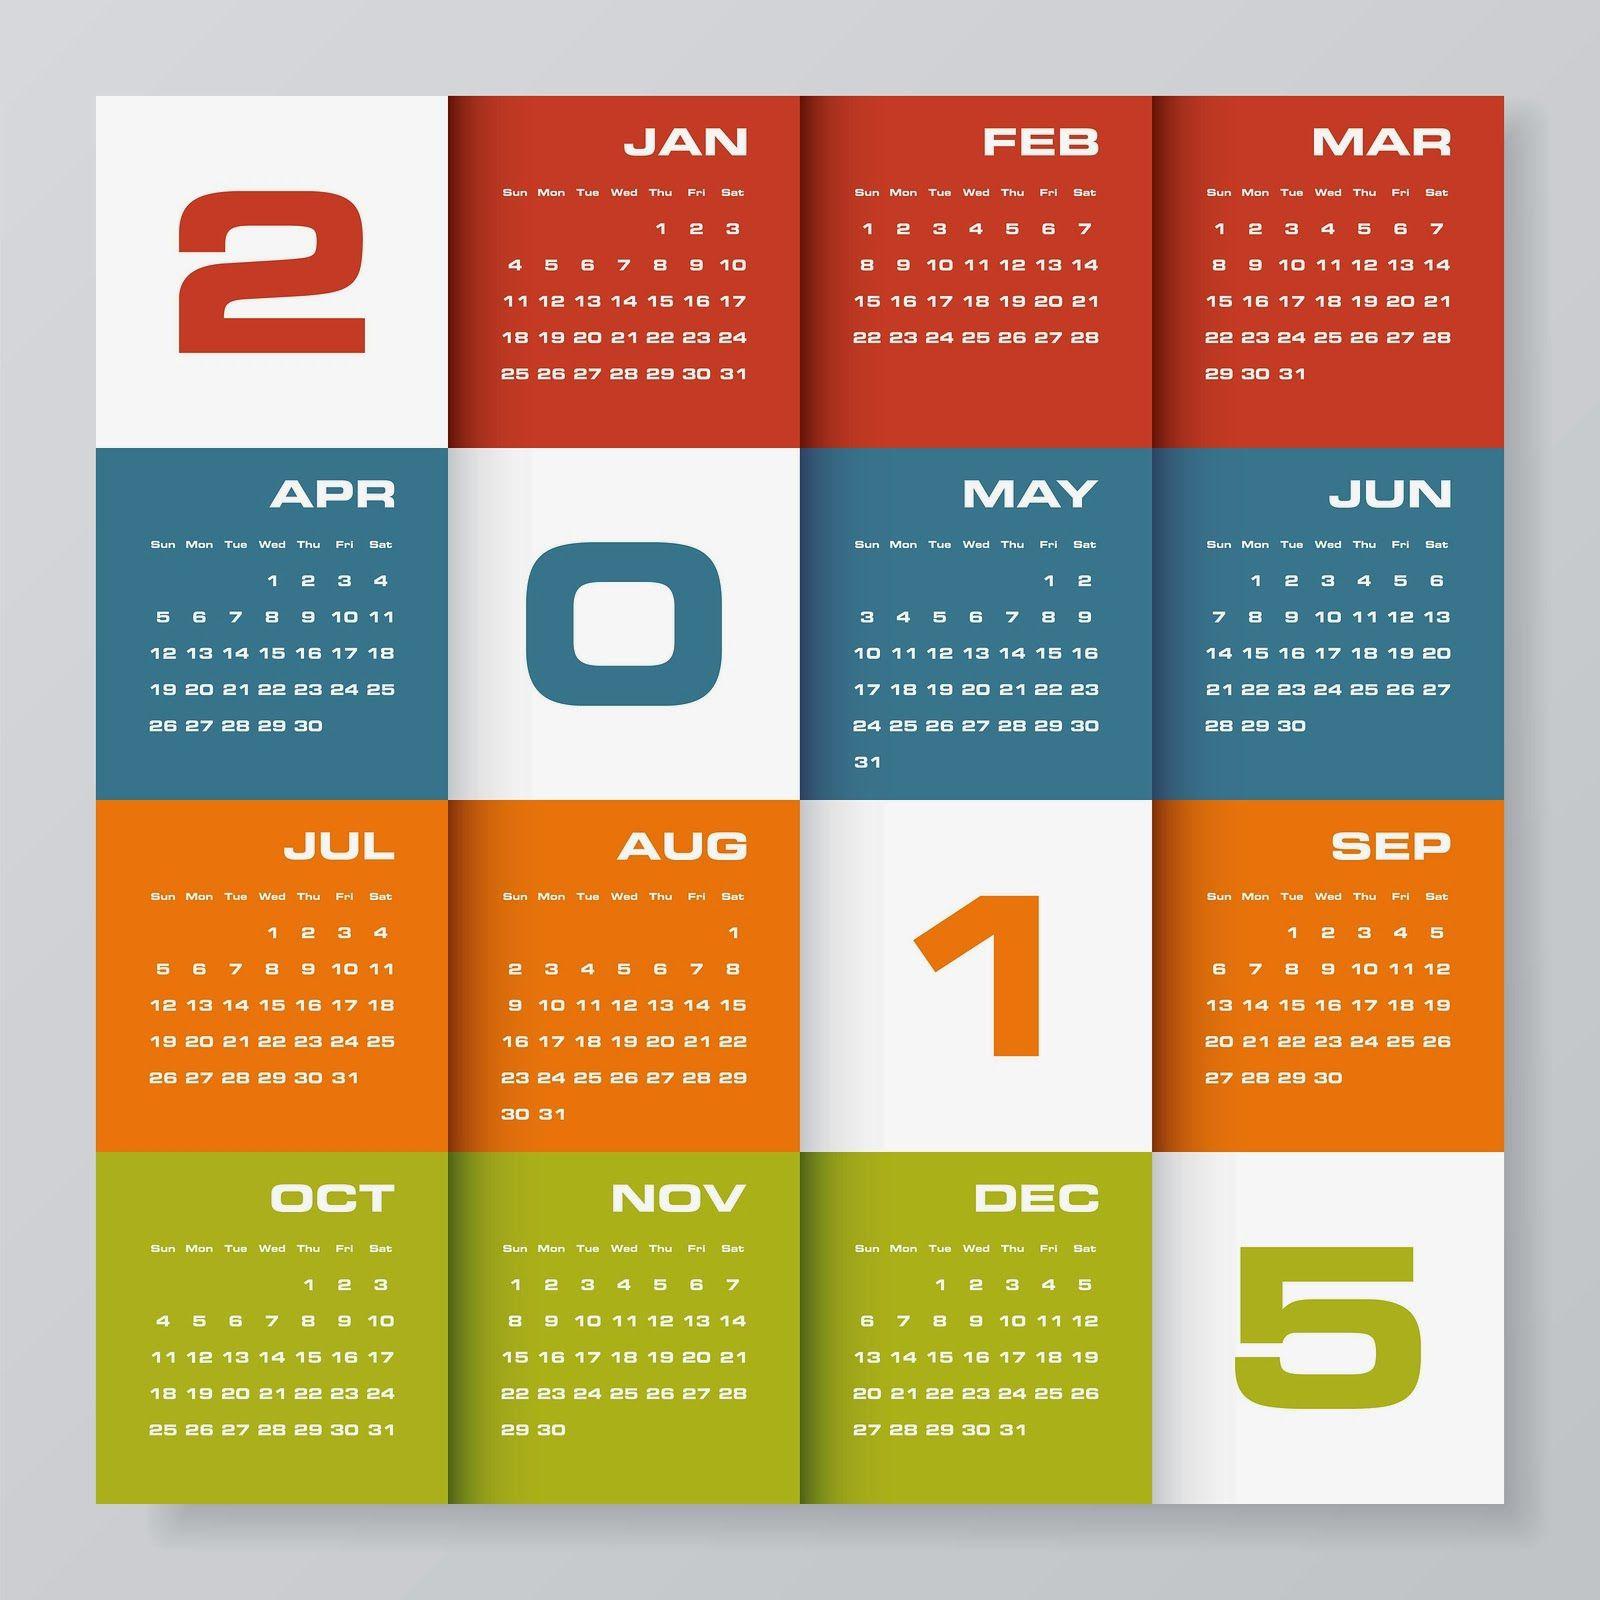 2015 Year Calendar Wallpaper Download 2015 Calendar by Month 1600x1600